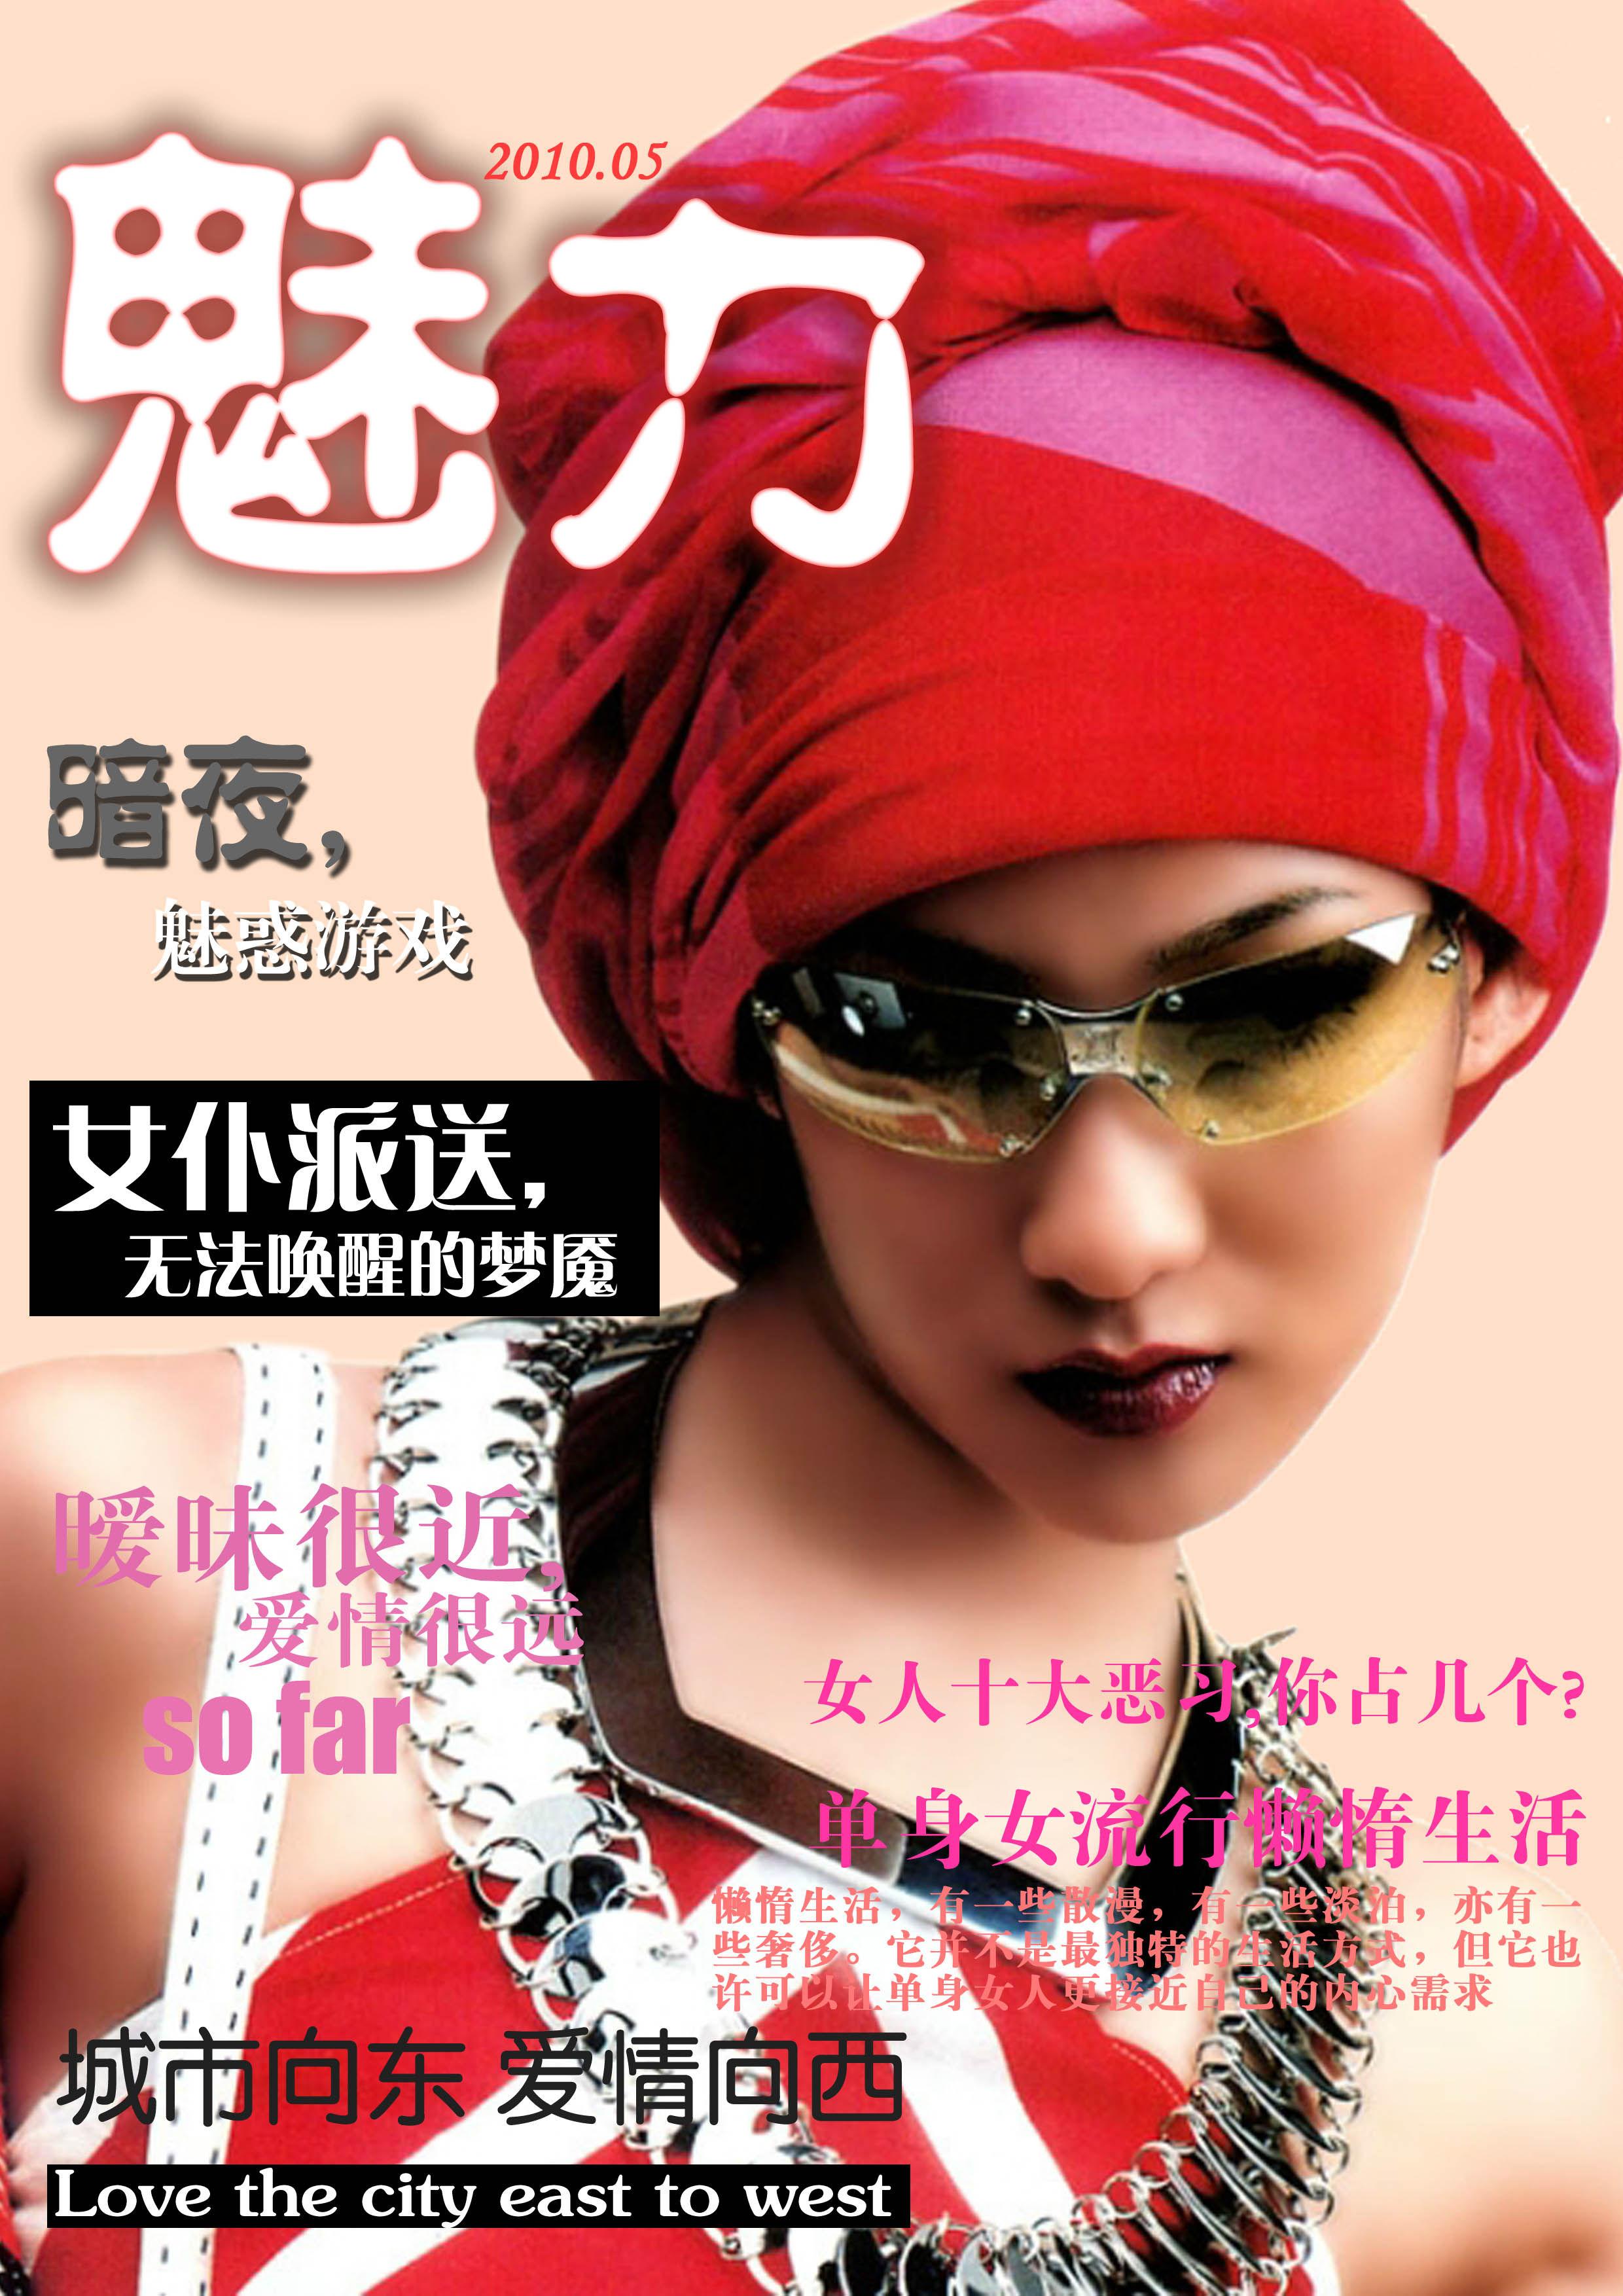 时尚杂志封面psd 寻 时尚杂志封面模板PSD格式下载地址图片